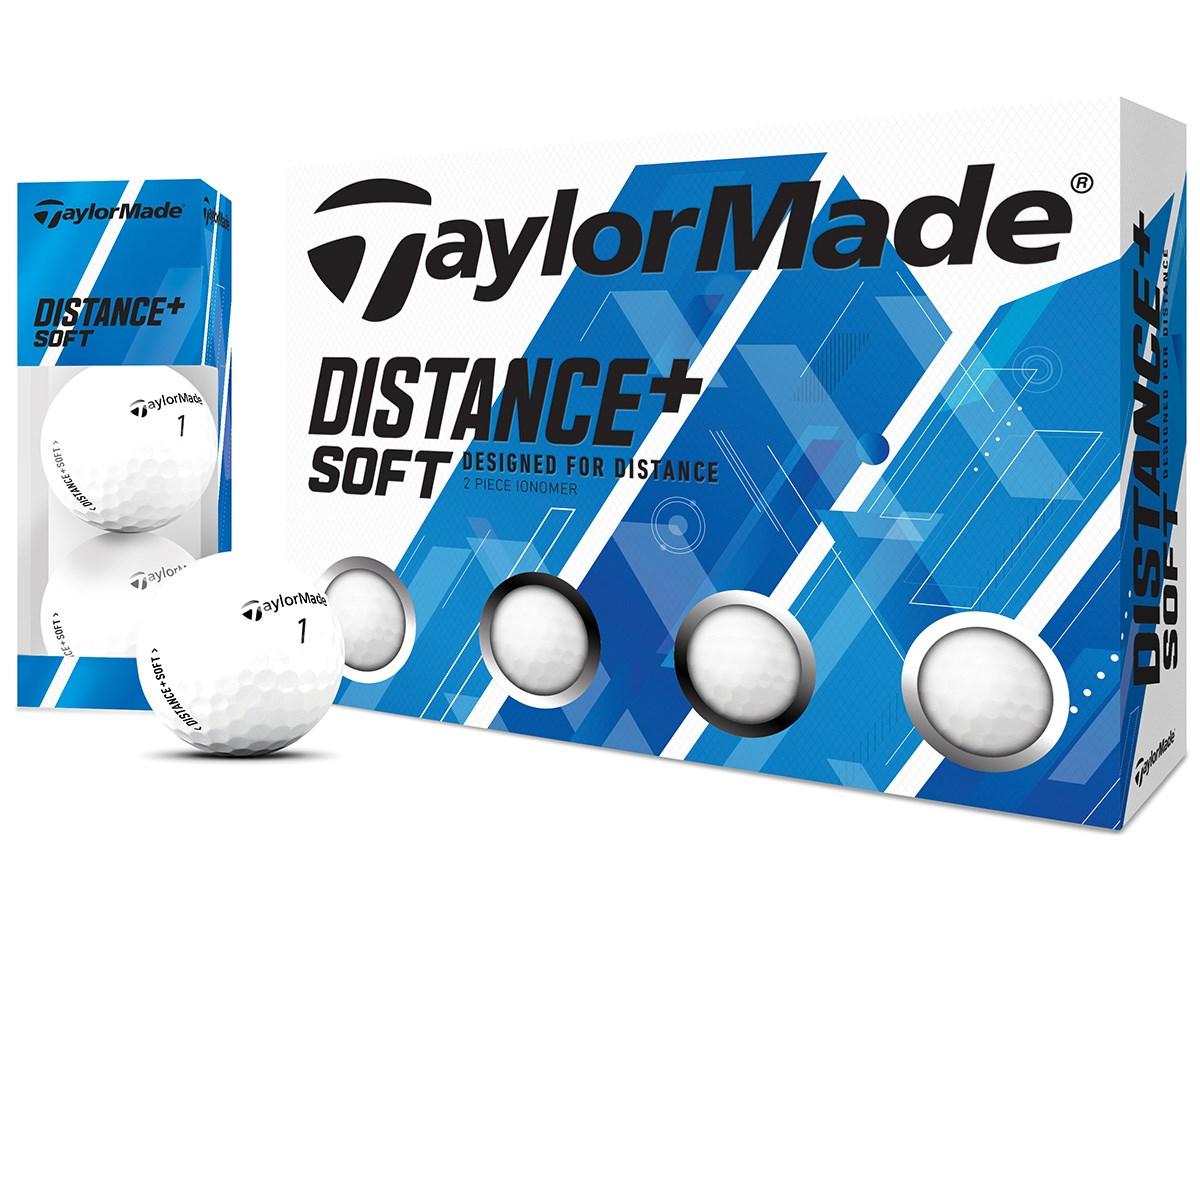 テーラーメイド DISTANCE+ Distance+Soft ボール 5ダースセット 5ダース(60個入り) ホワイト